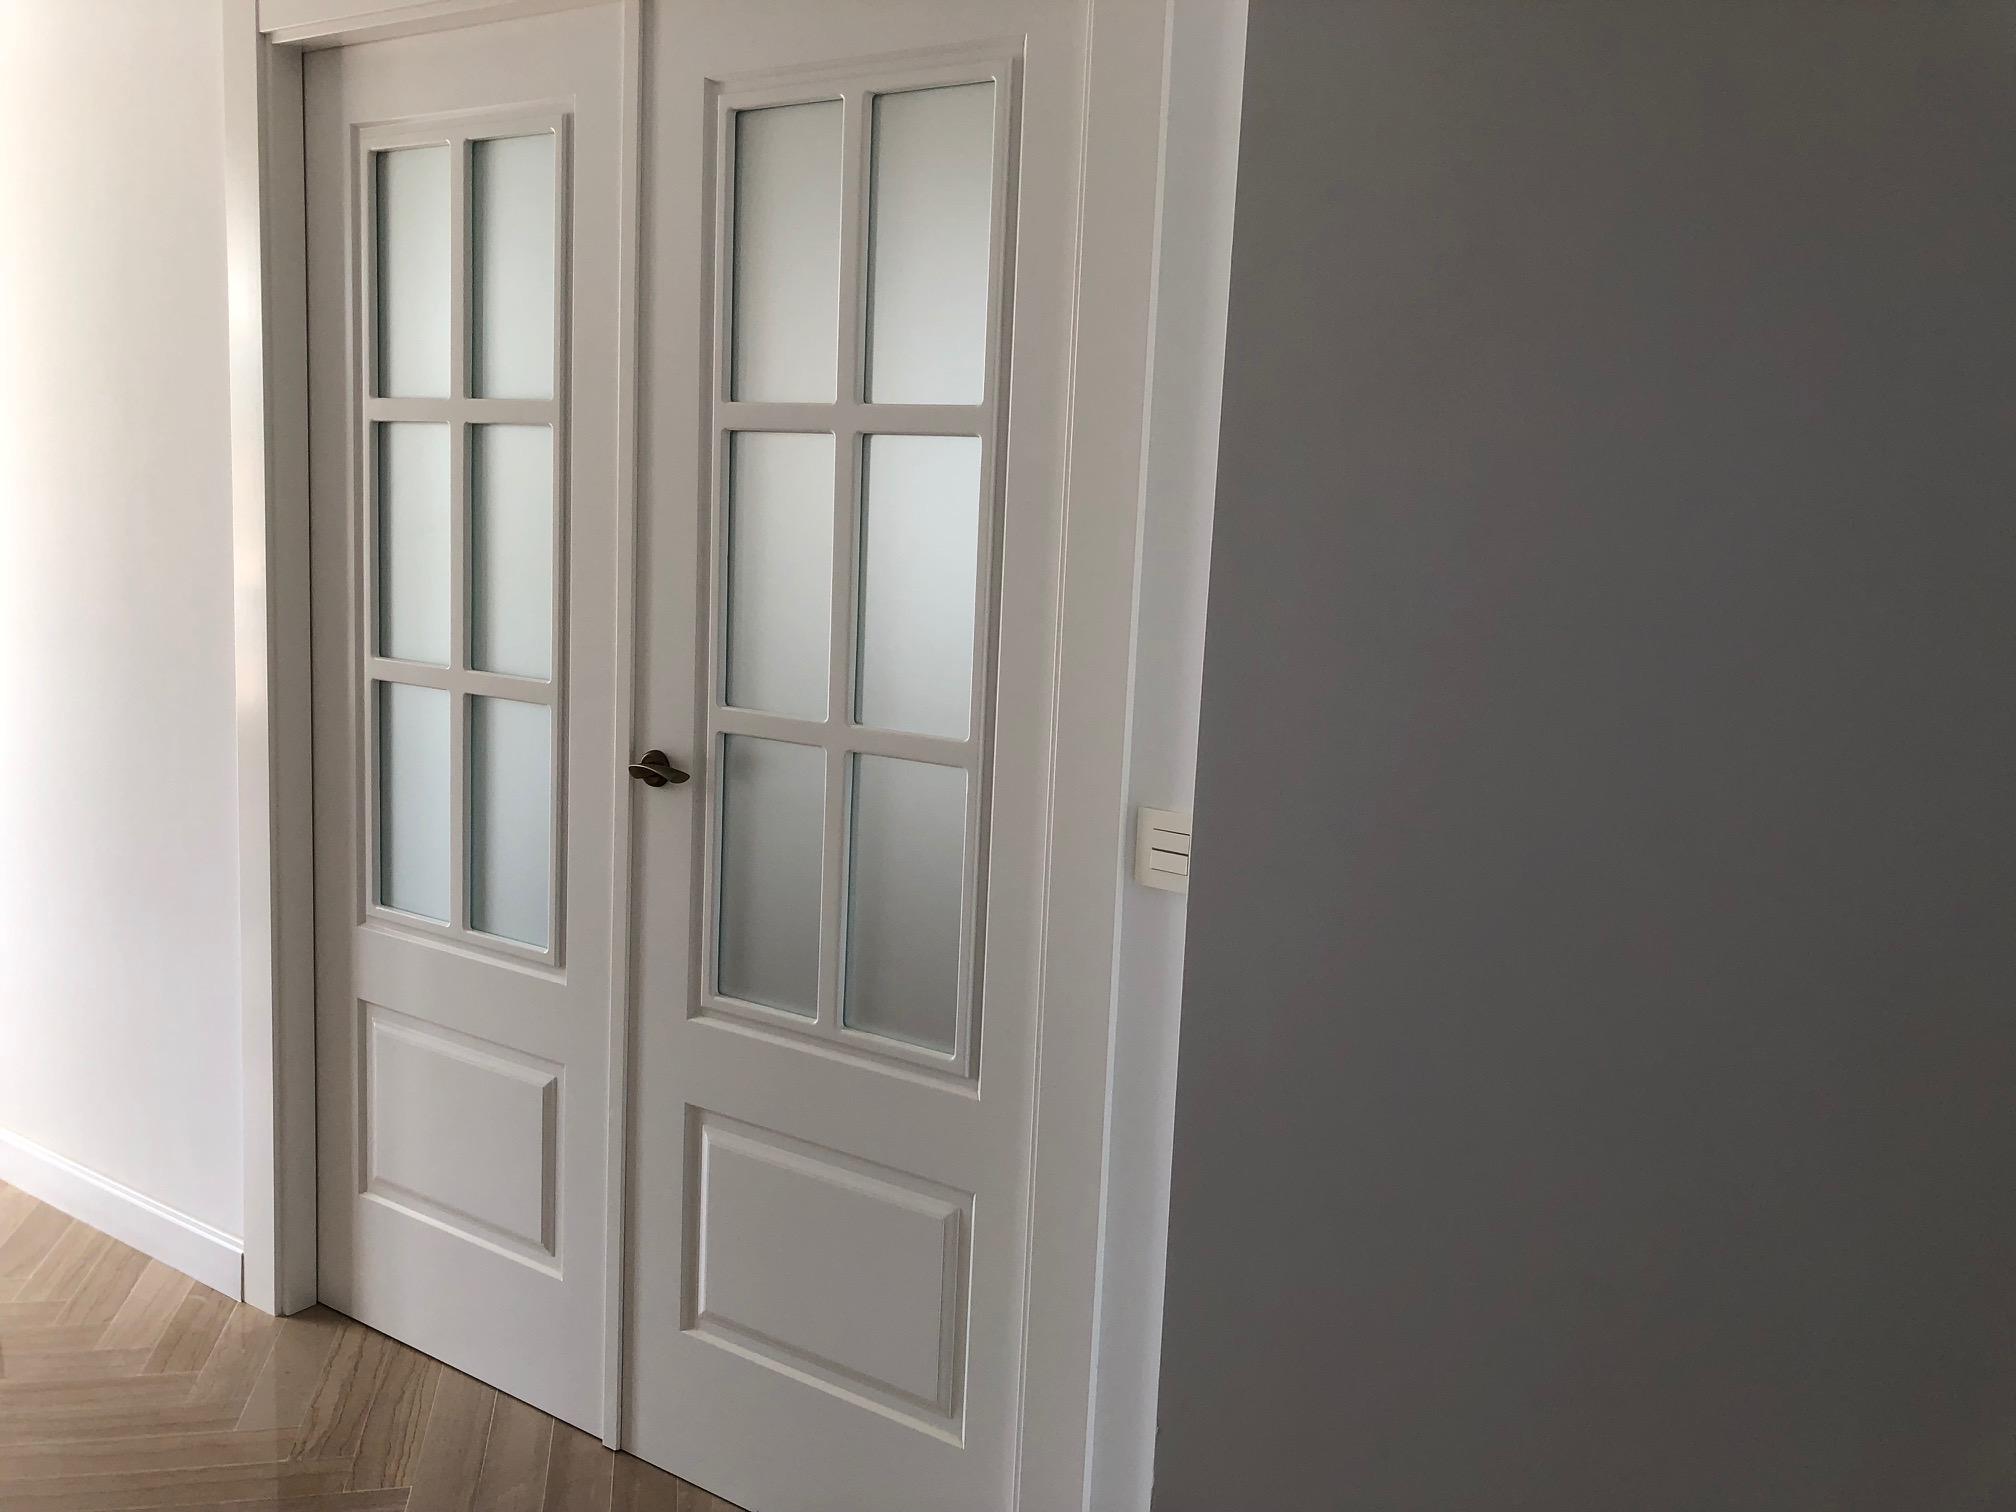 Cristales al acido para puertas finest puertas de vidrio especiales with cristales al acido - Cristales al acido para puertas ...